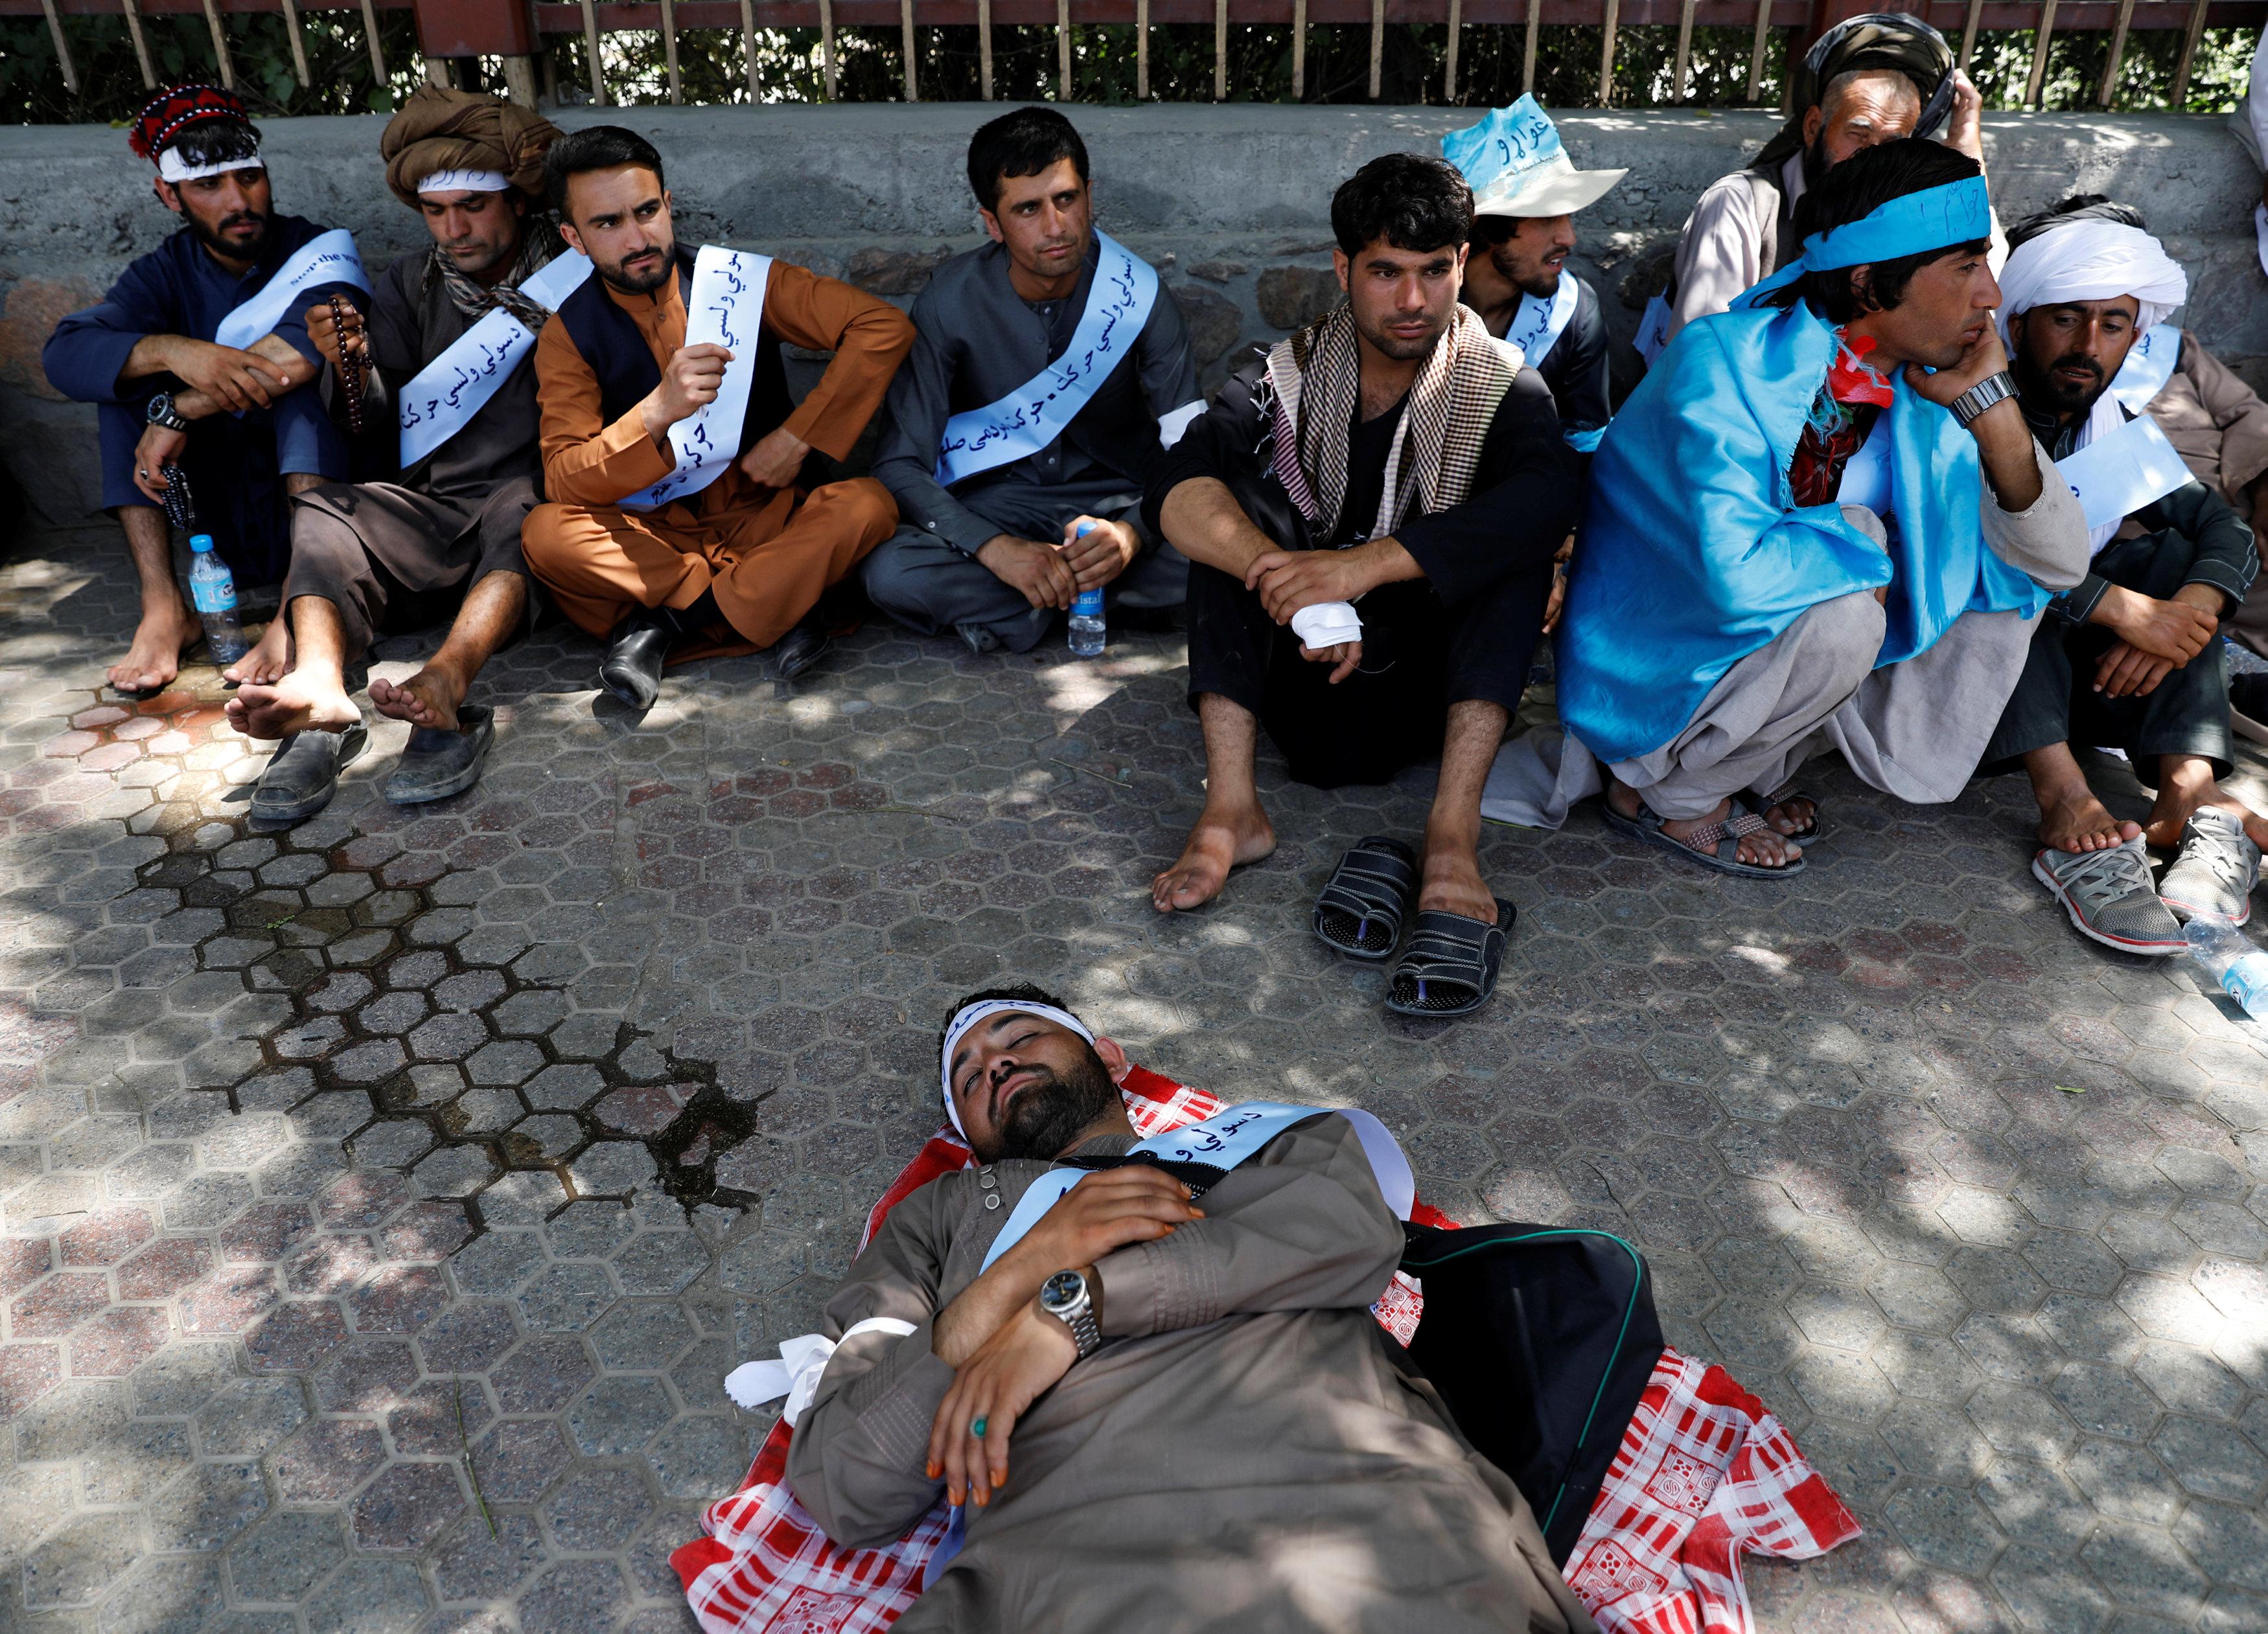 المسيرة تأتى بعد رفض طالبان اقتراح الحكومة لمد وقف إطلاق النار بعد عيد الفطر